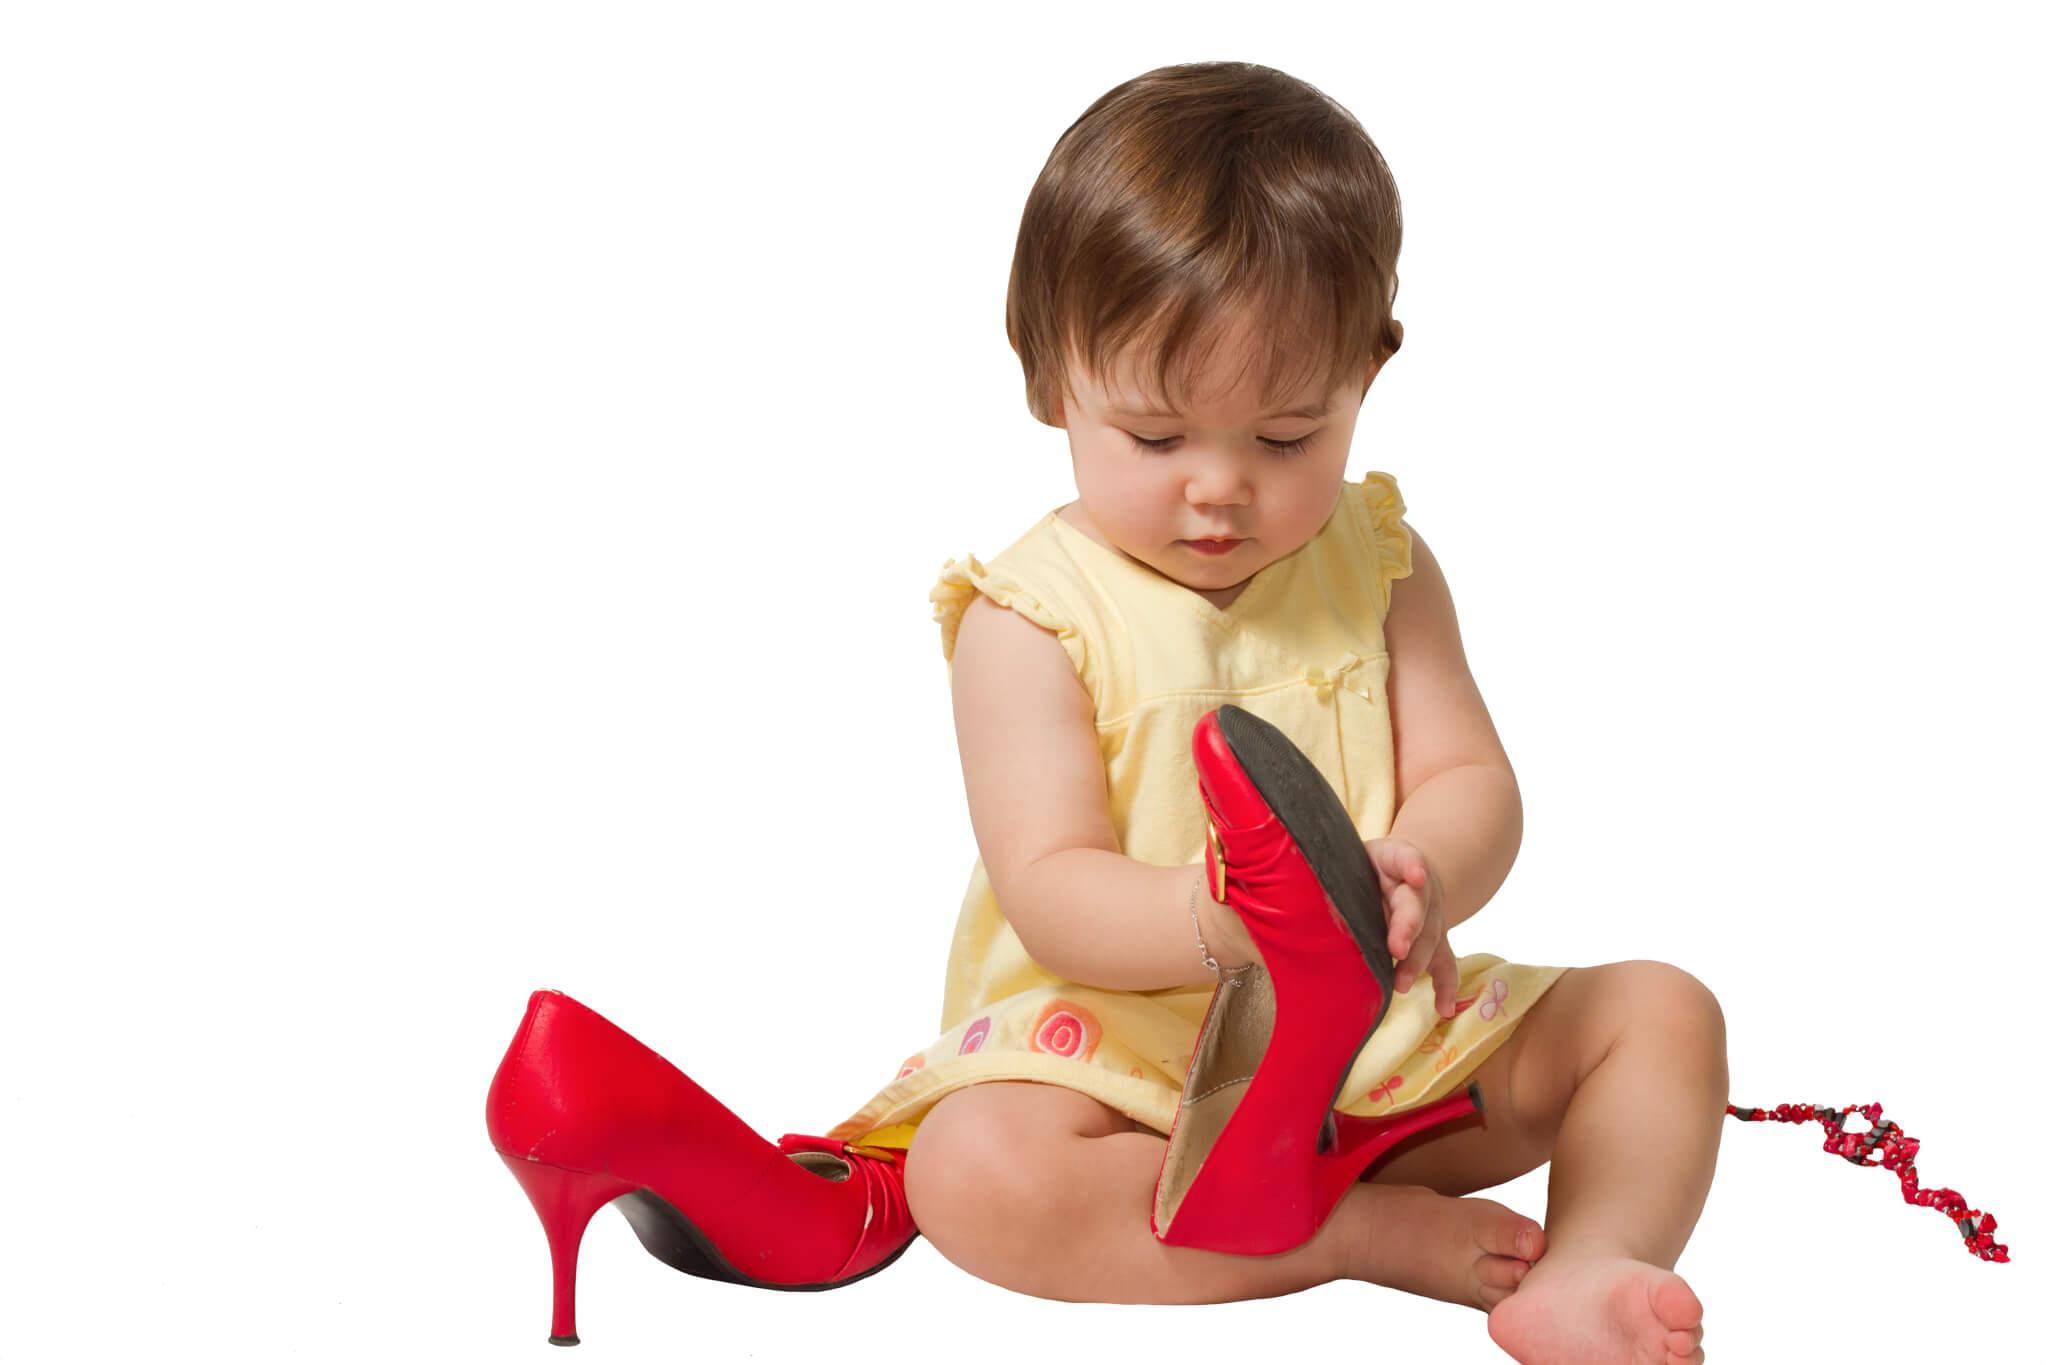 Фото для секса с маленькими девочками 19 фотография